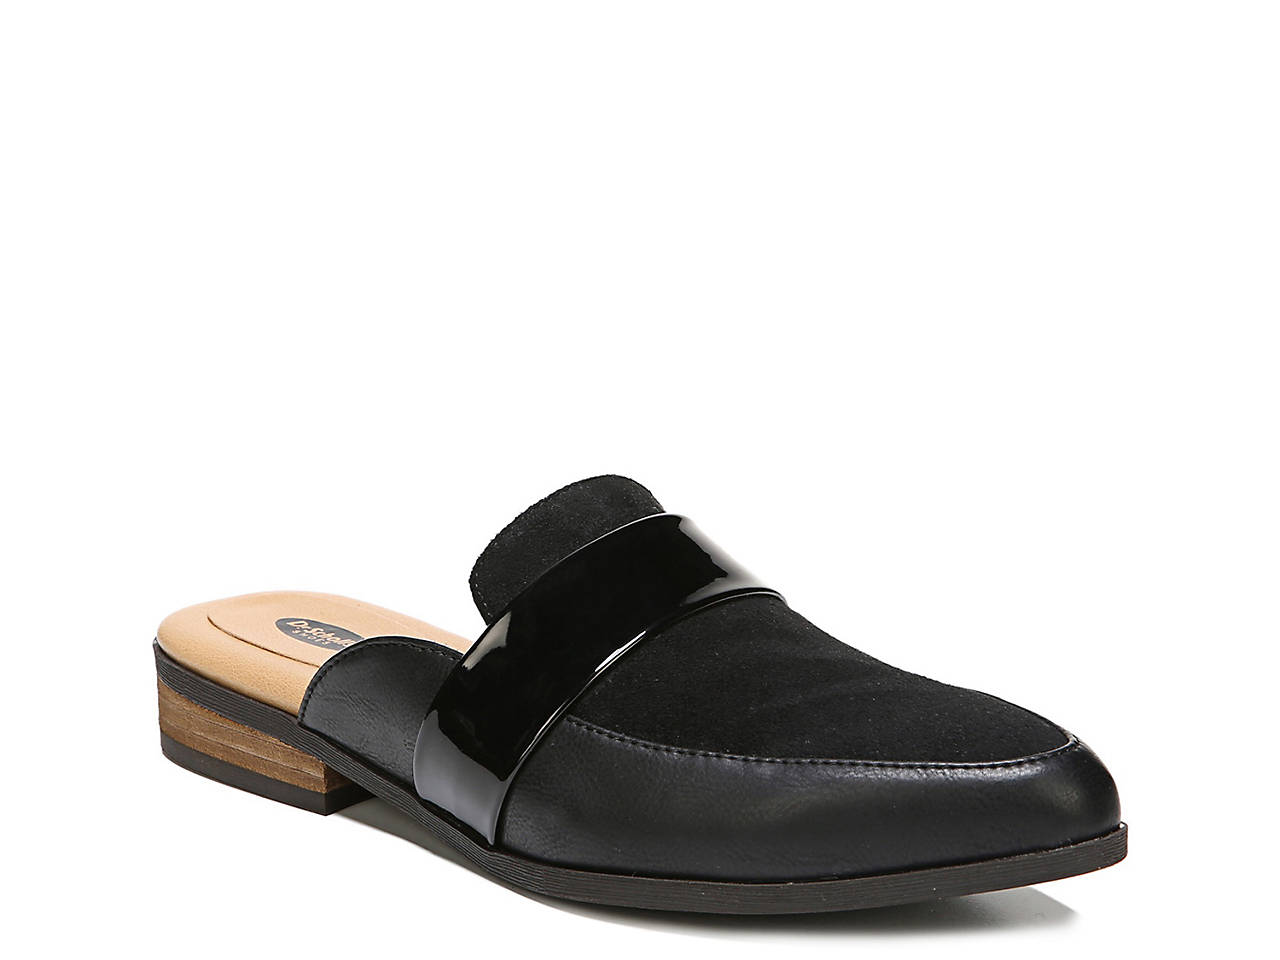 34c991be6b78 Dr. Scholl s Exact Mule Women s Shoes